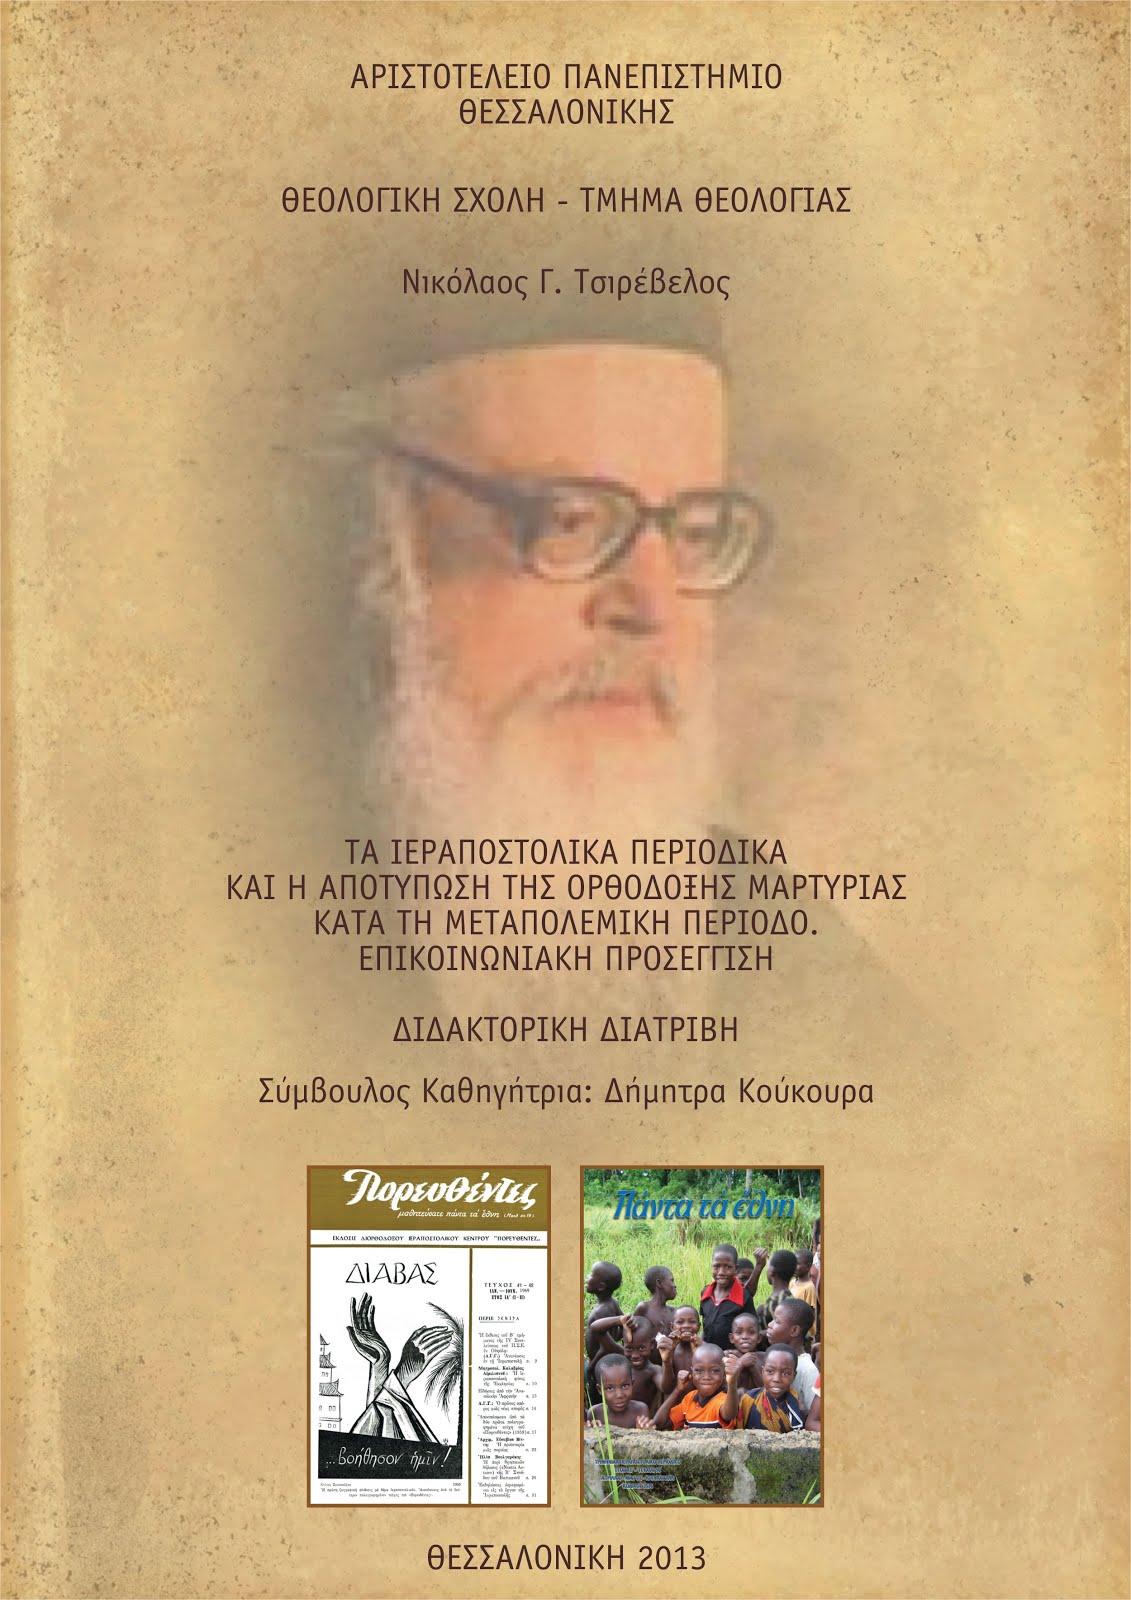 Τα ιεραποστολικά περιοδικά και η αποτύπωση της Ορθόδοξης μαρτυρίας. Επικοινωνιακή προσέγγιση